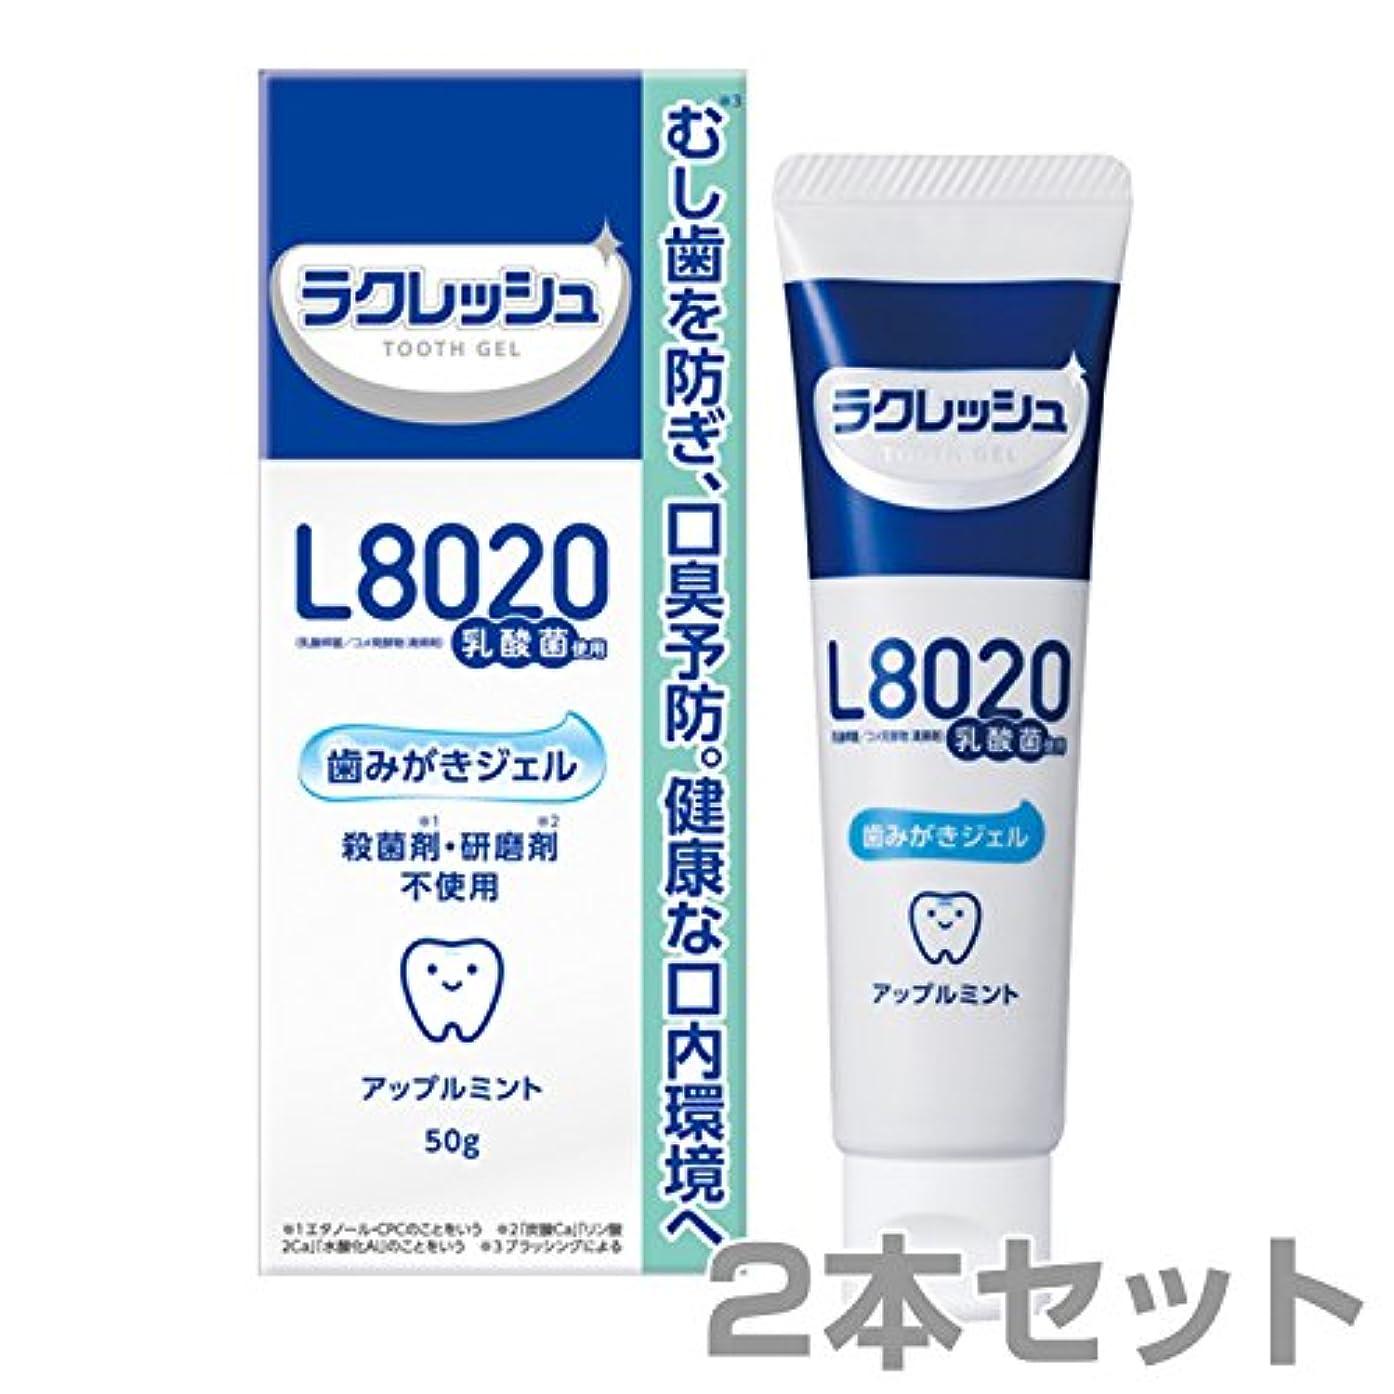 移動する四回水陸両用ジェクス(JEX) ラクレッシュ L8020 乳酸菌 歯みがきジェル (50g) 2本セット アップルミント風味